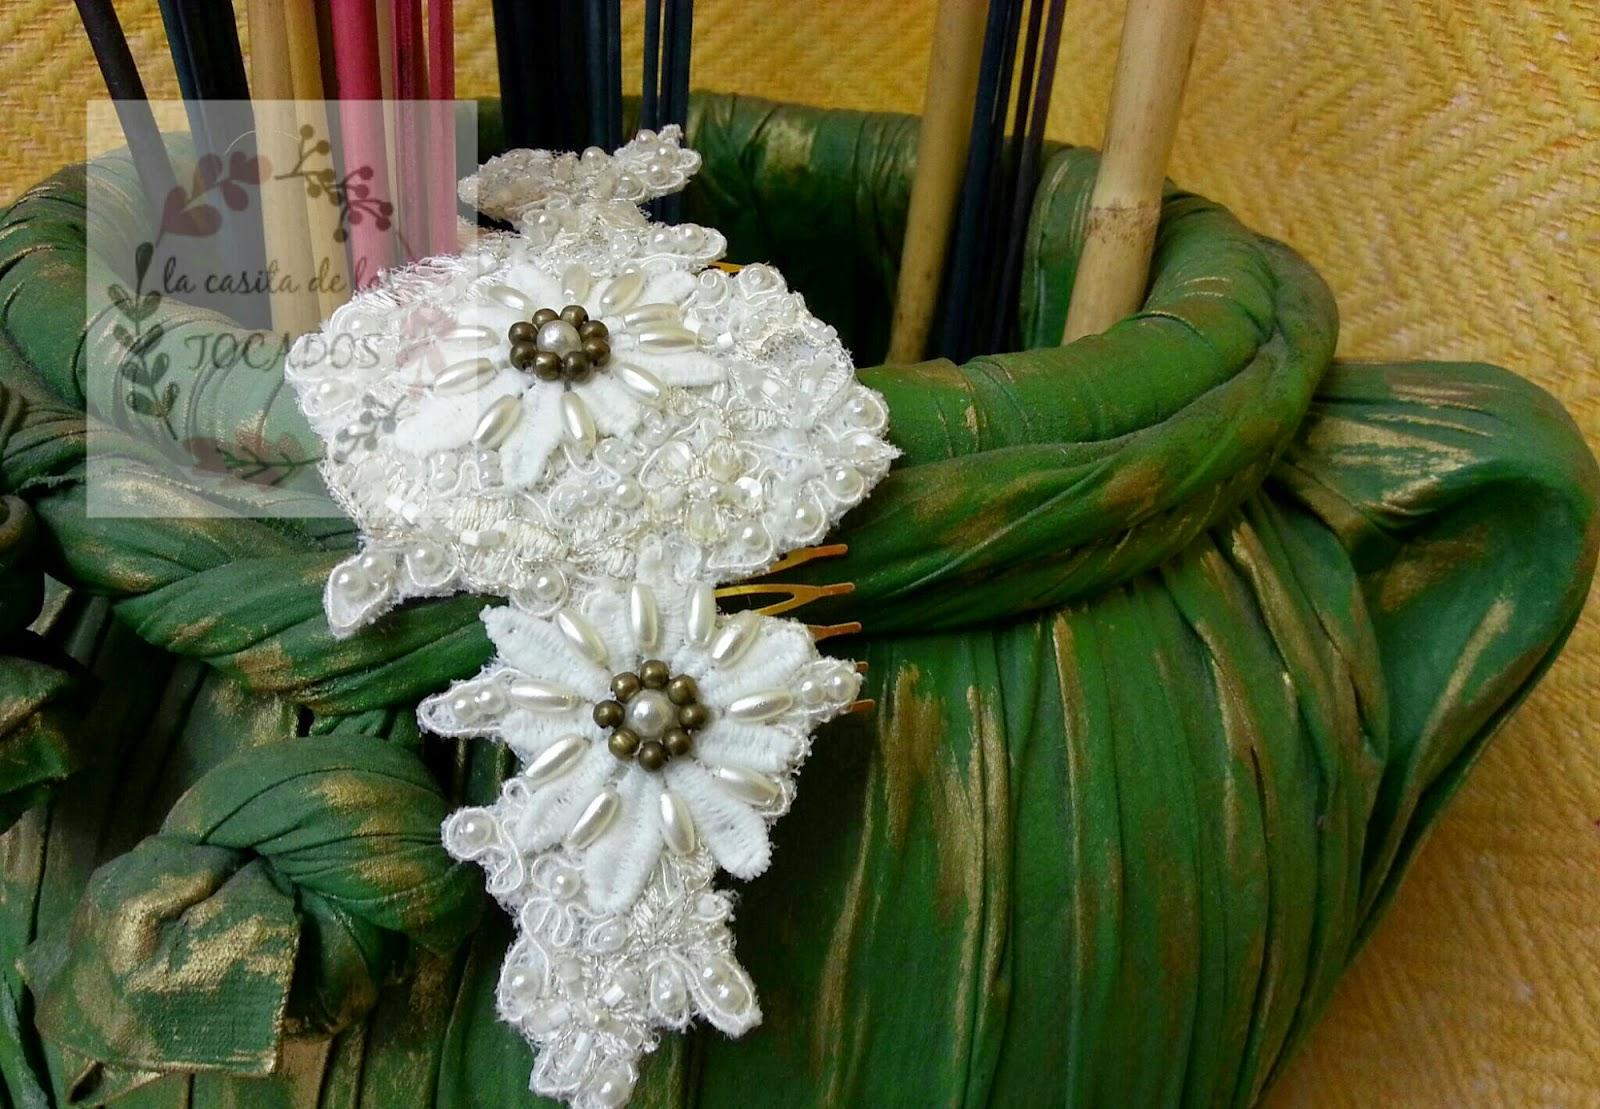 tocado de novia artesanal de guipur